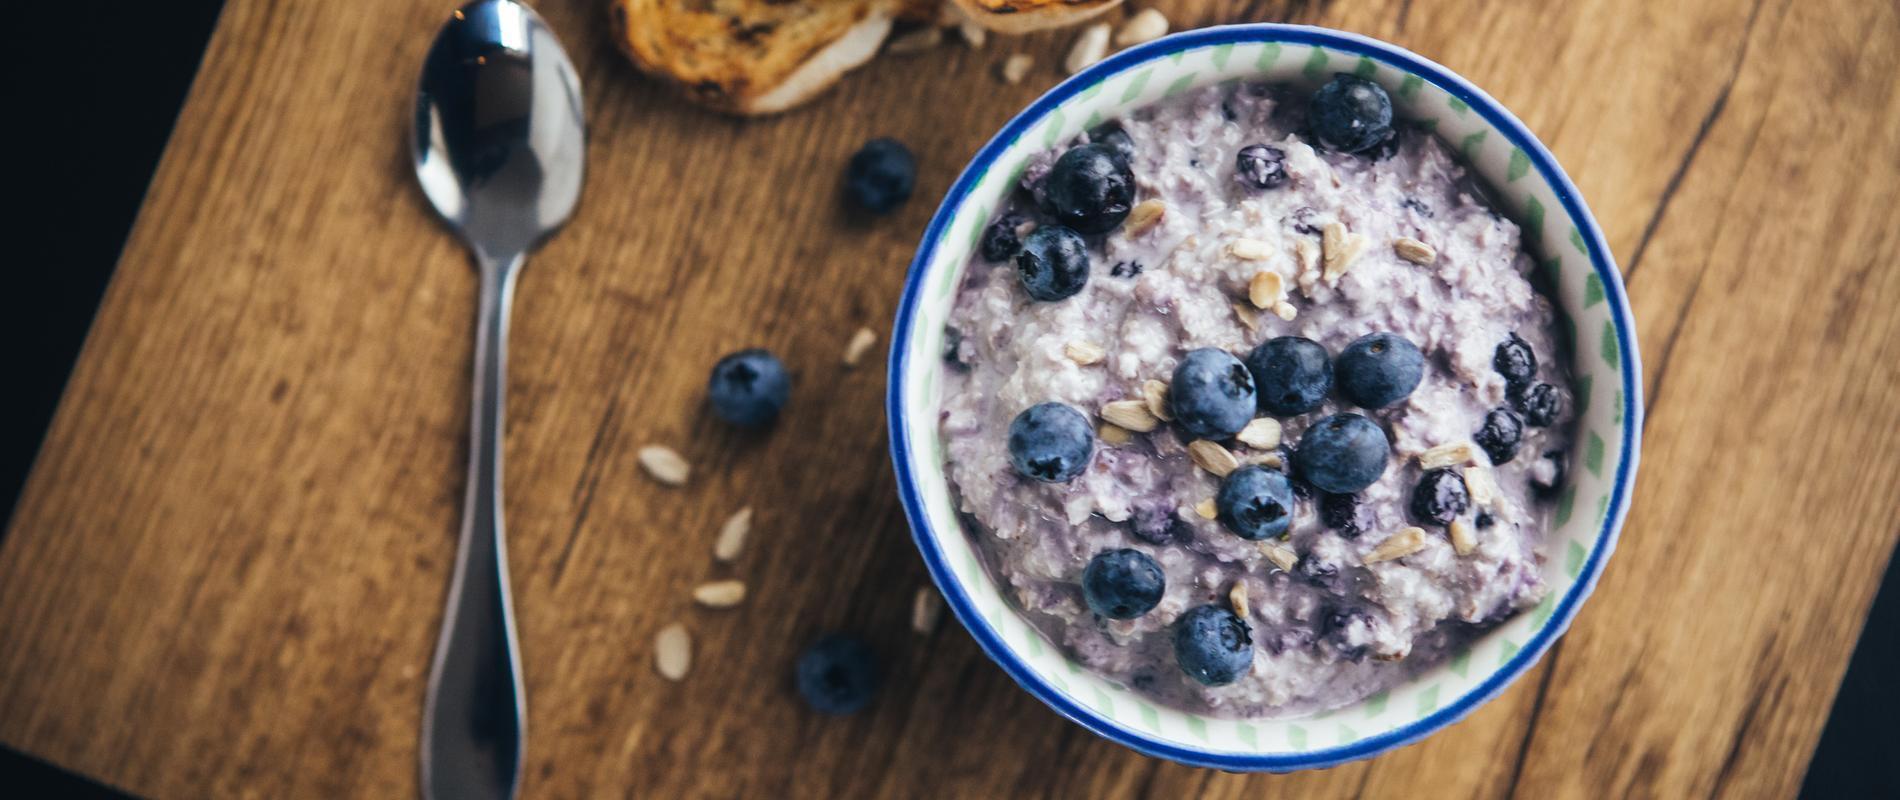 冬日早餐吃什么? 这些饮食搭配帮你抵御寒冷